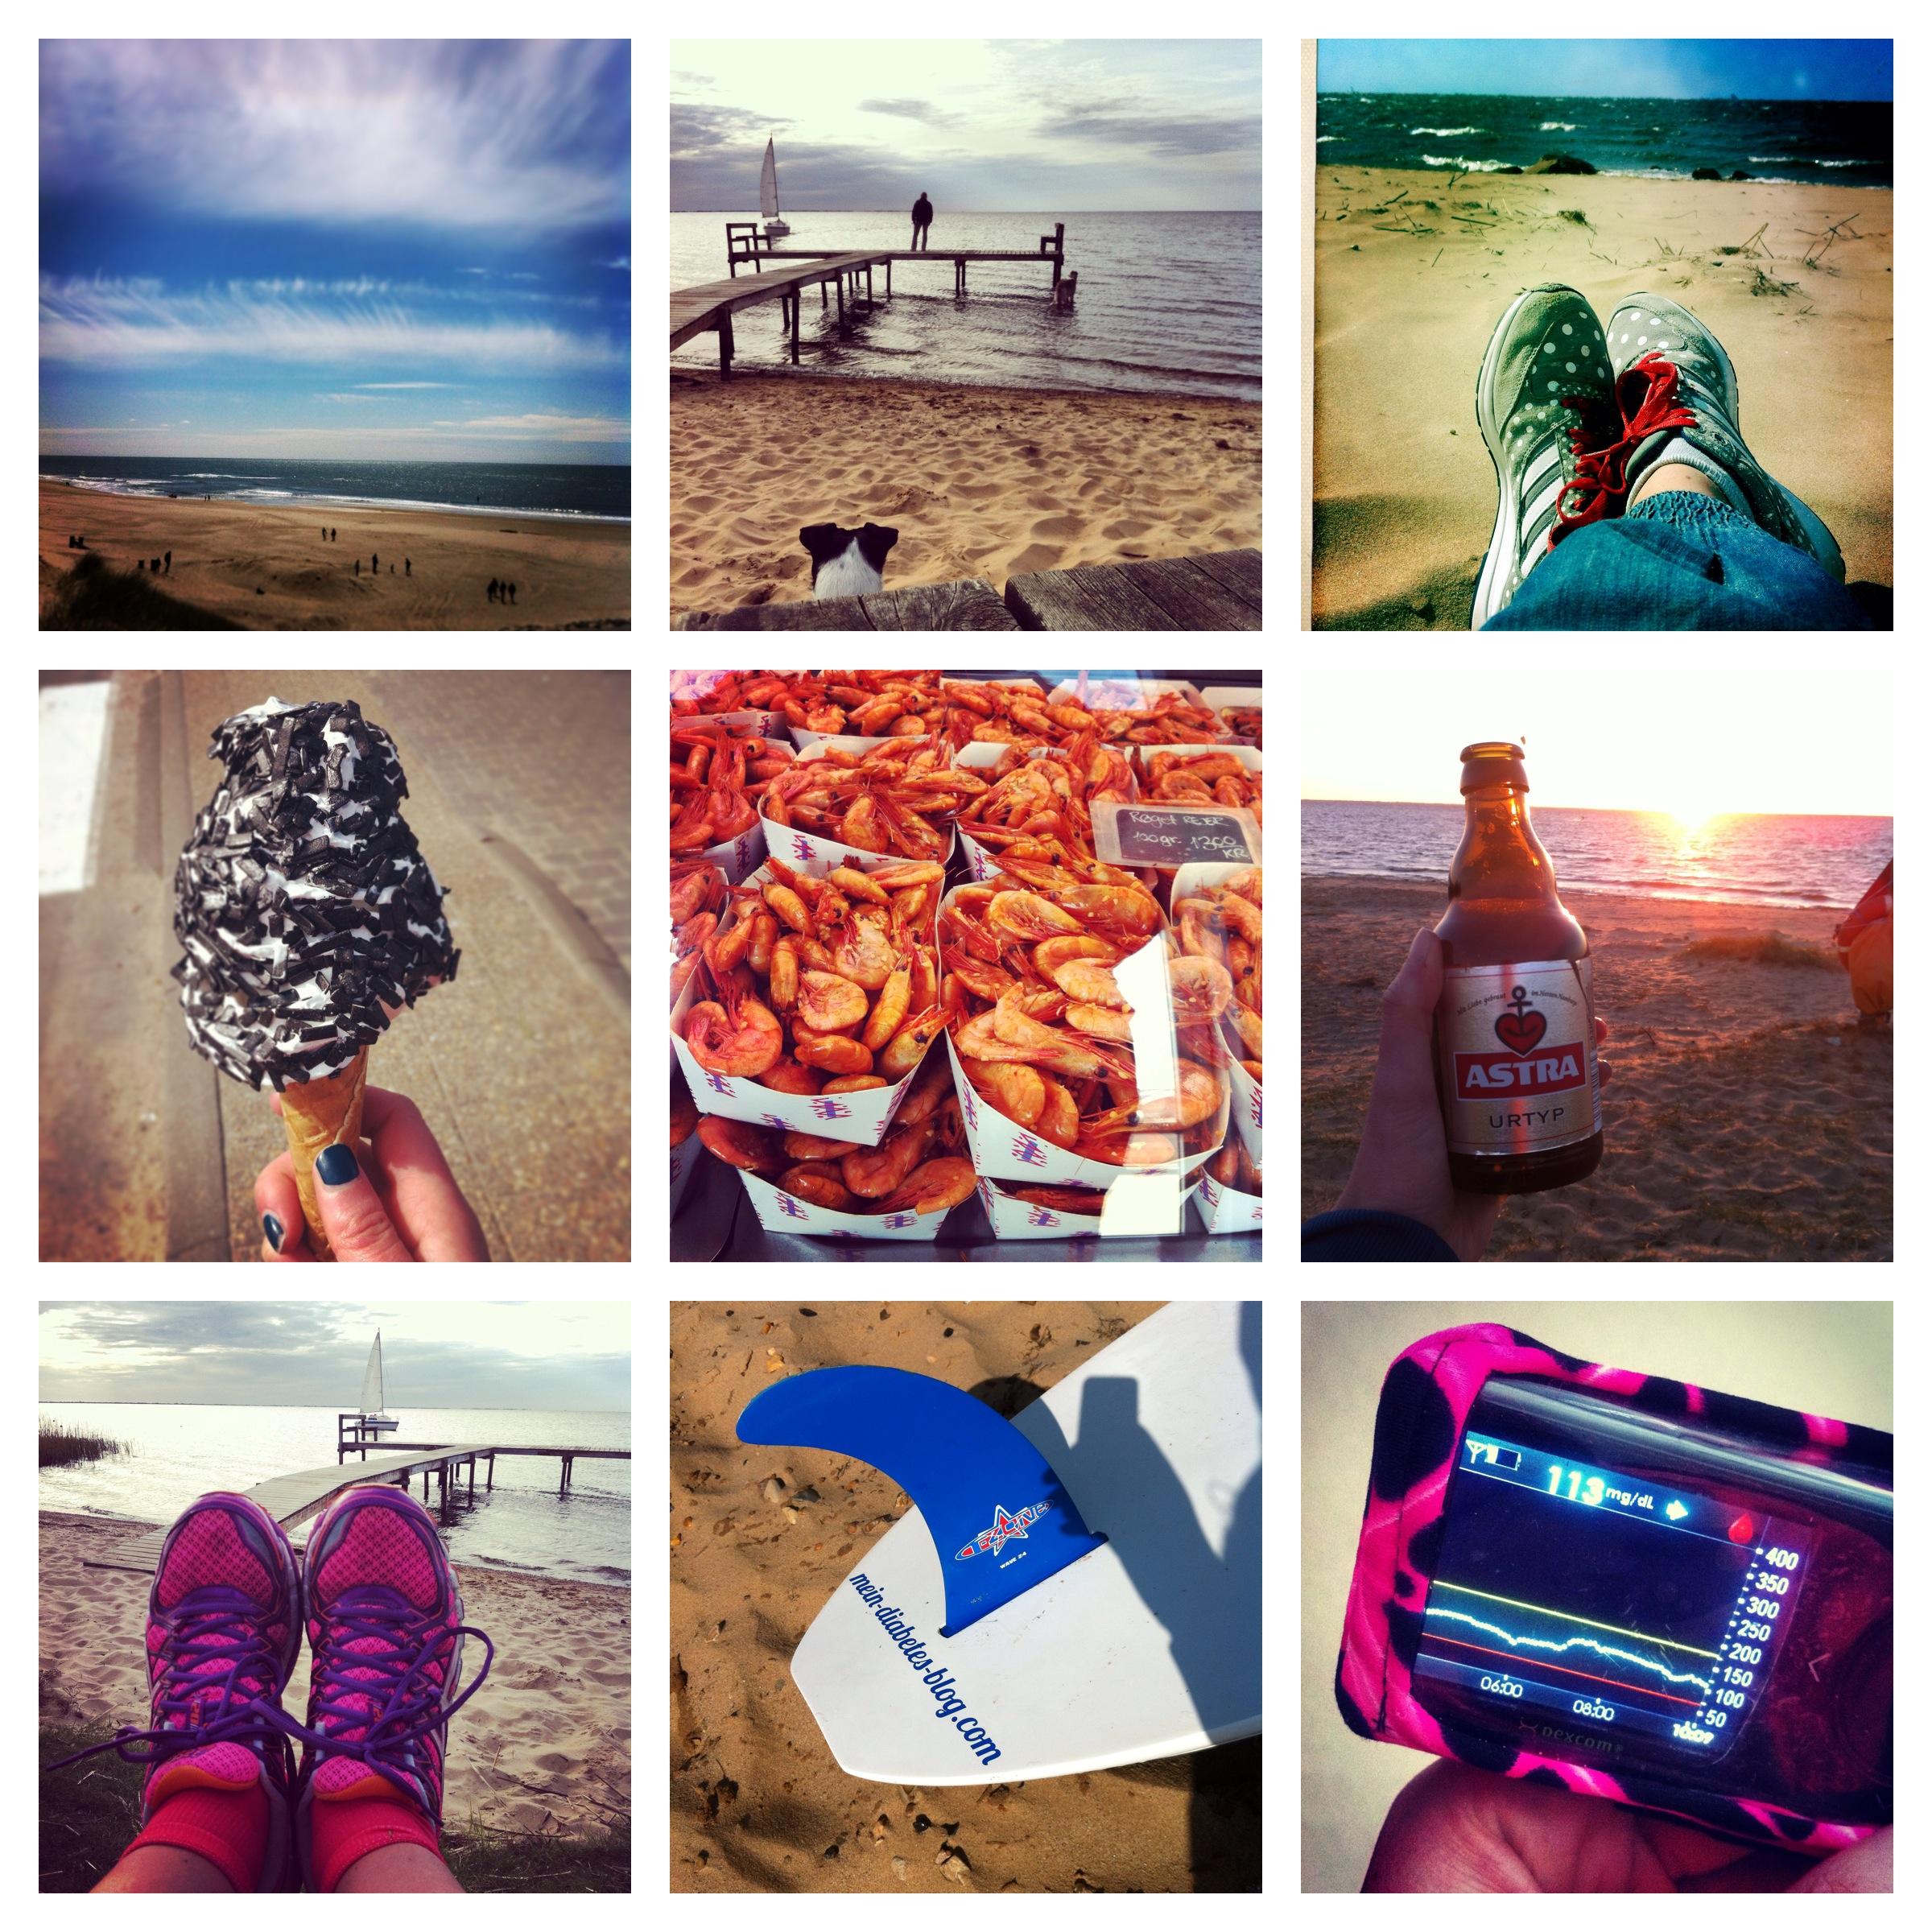 Dänemark. Entspannung und so.